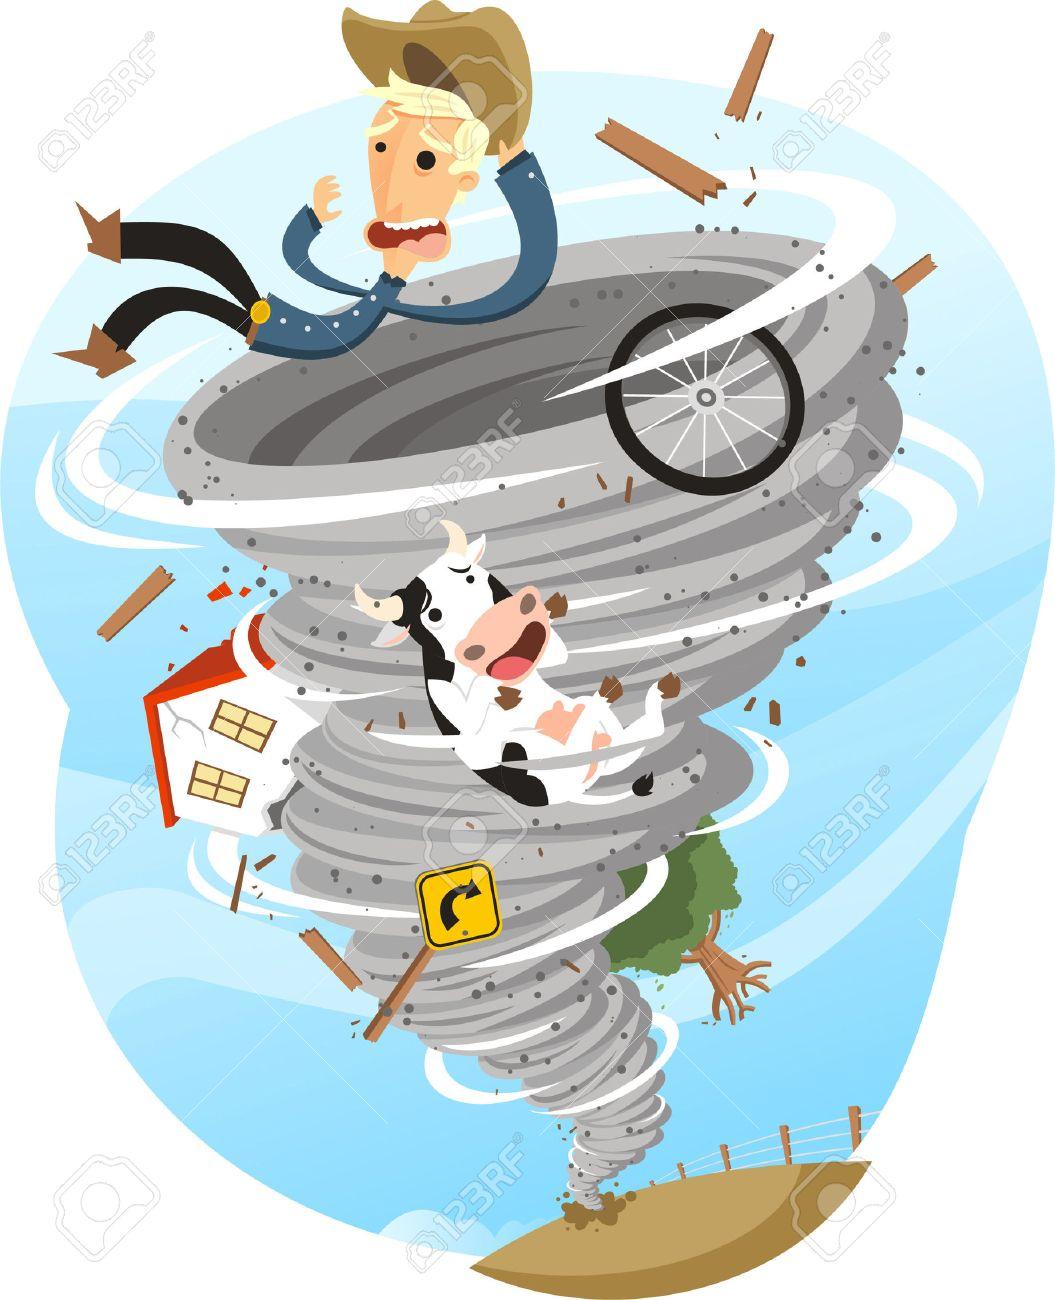 トルネード嵐ツイスター雲風雨の天候ベクトル イラスト漫画の